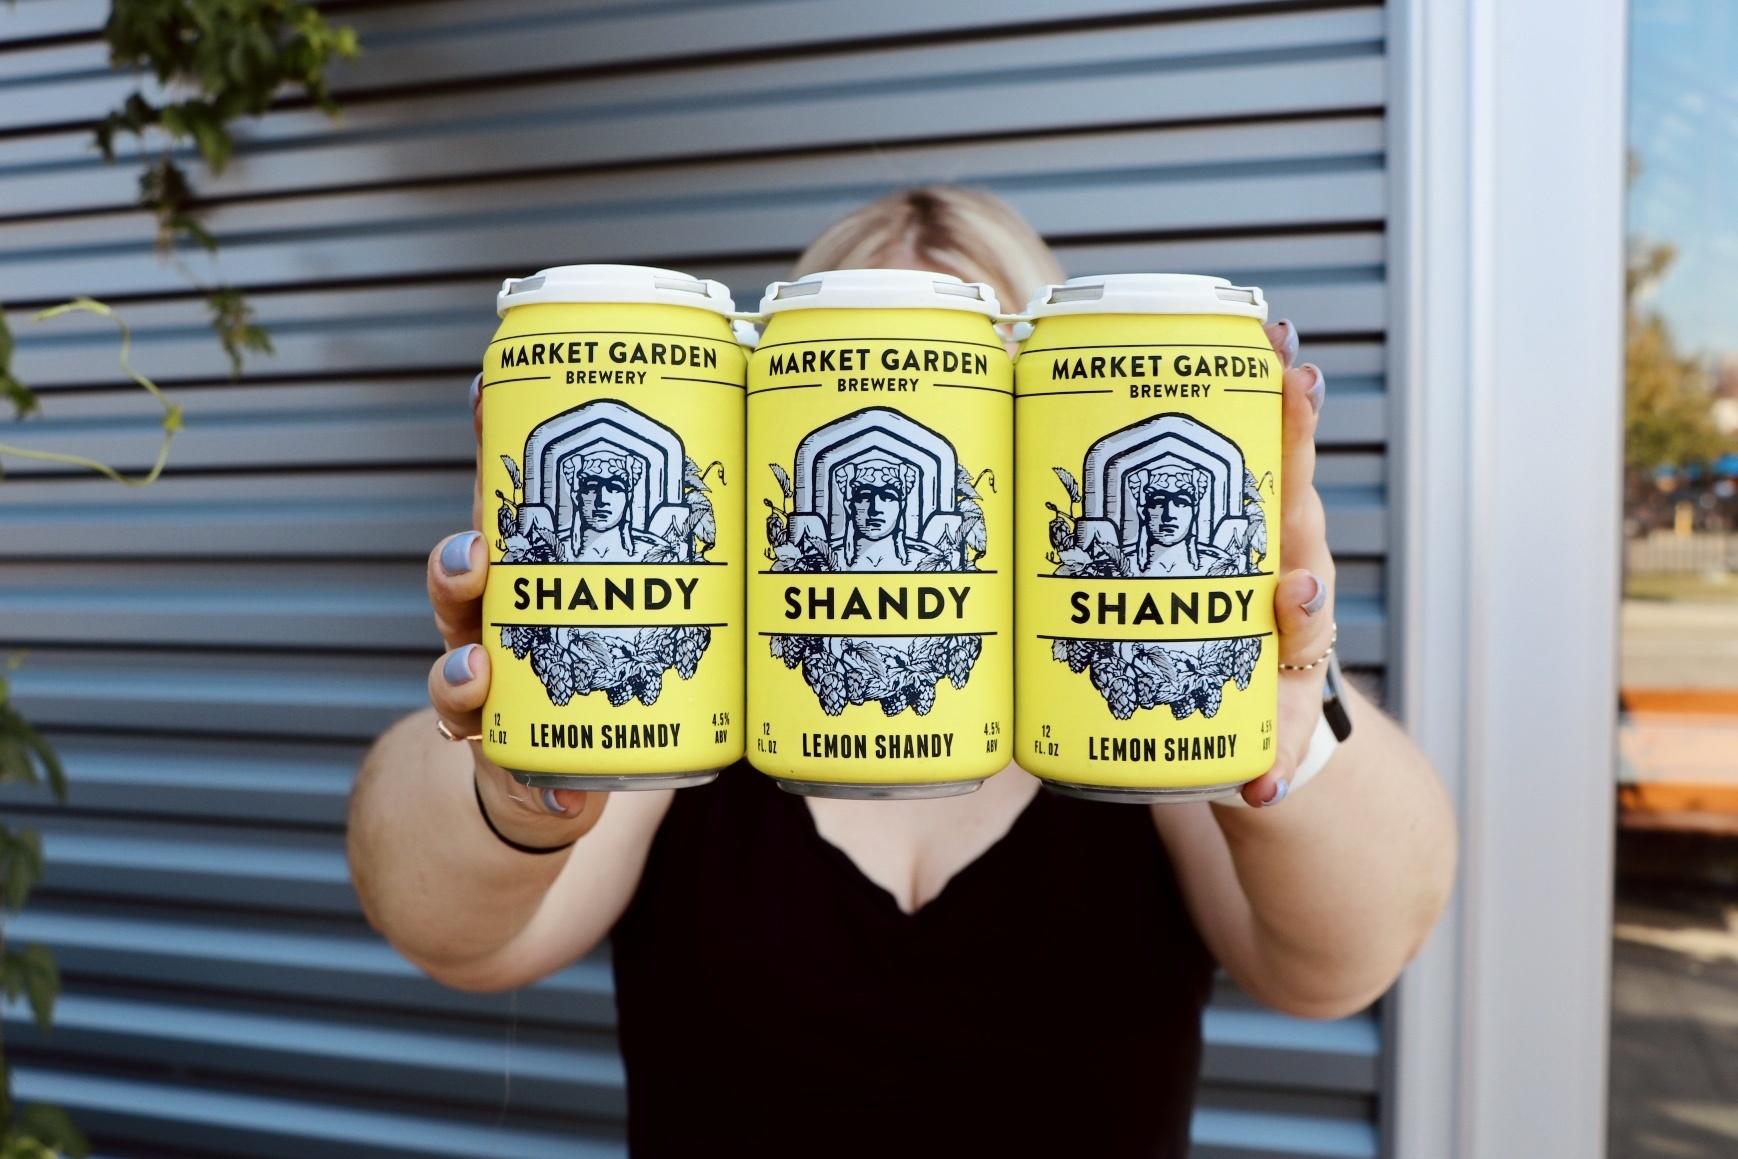 6 Pack: Shandy Lemon Shandy